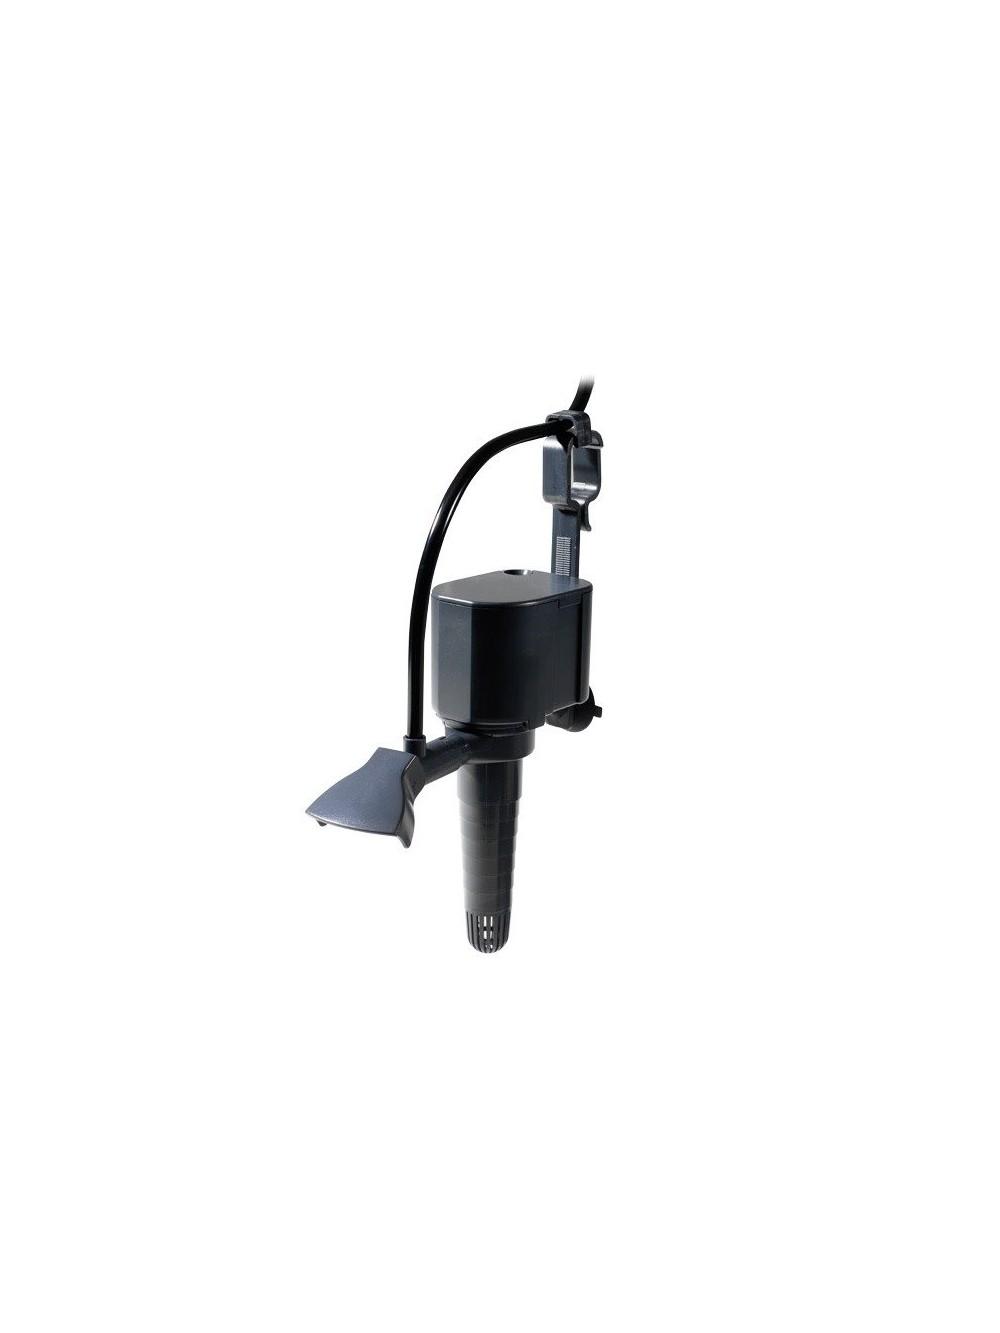 Newa maxi power head mp600 pompa per acquari for Pompa sifone per acquari